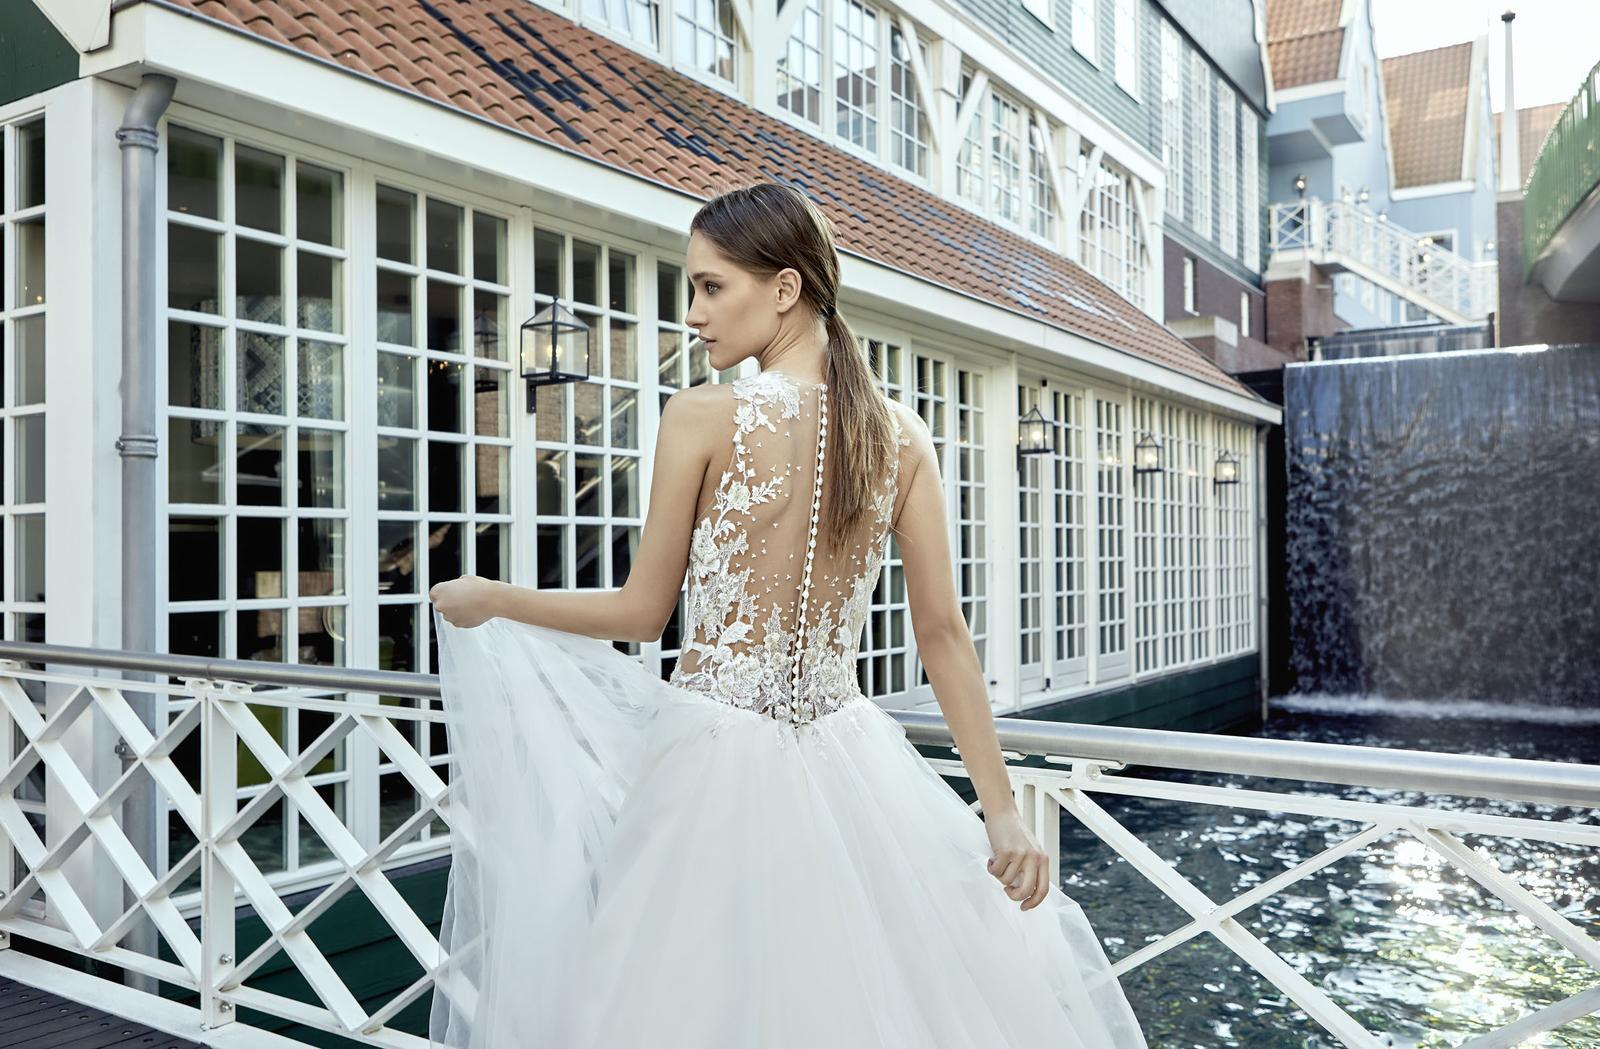 Milé nevěsty, kolekce Modeca 2018 na Vás již čeká! - Obrázek č. 34